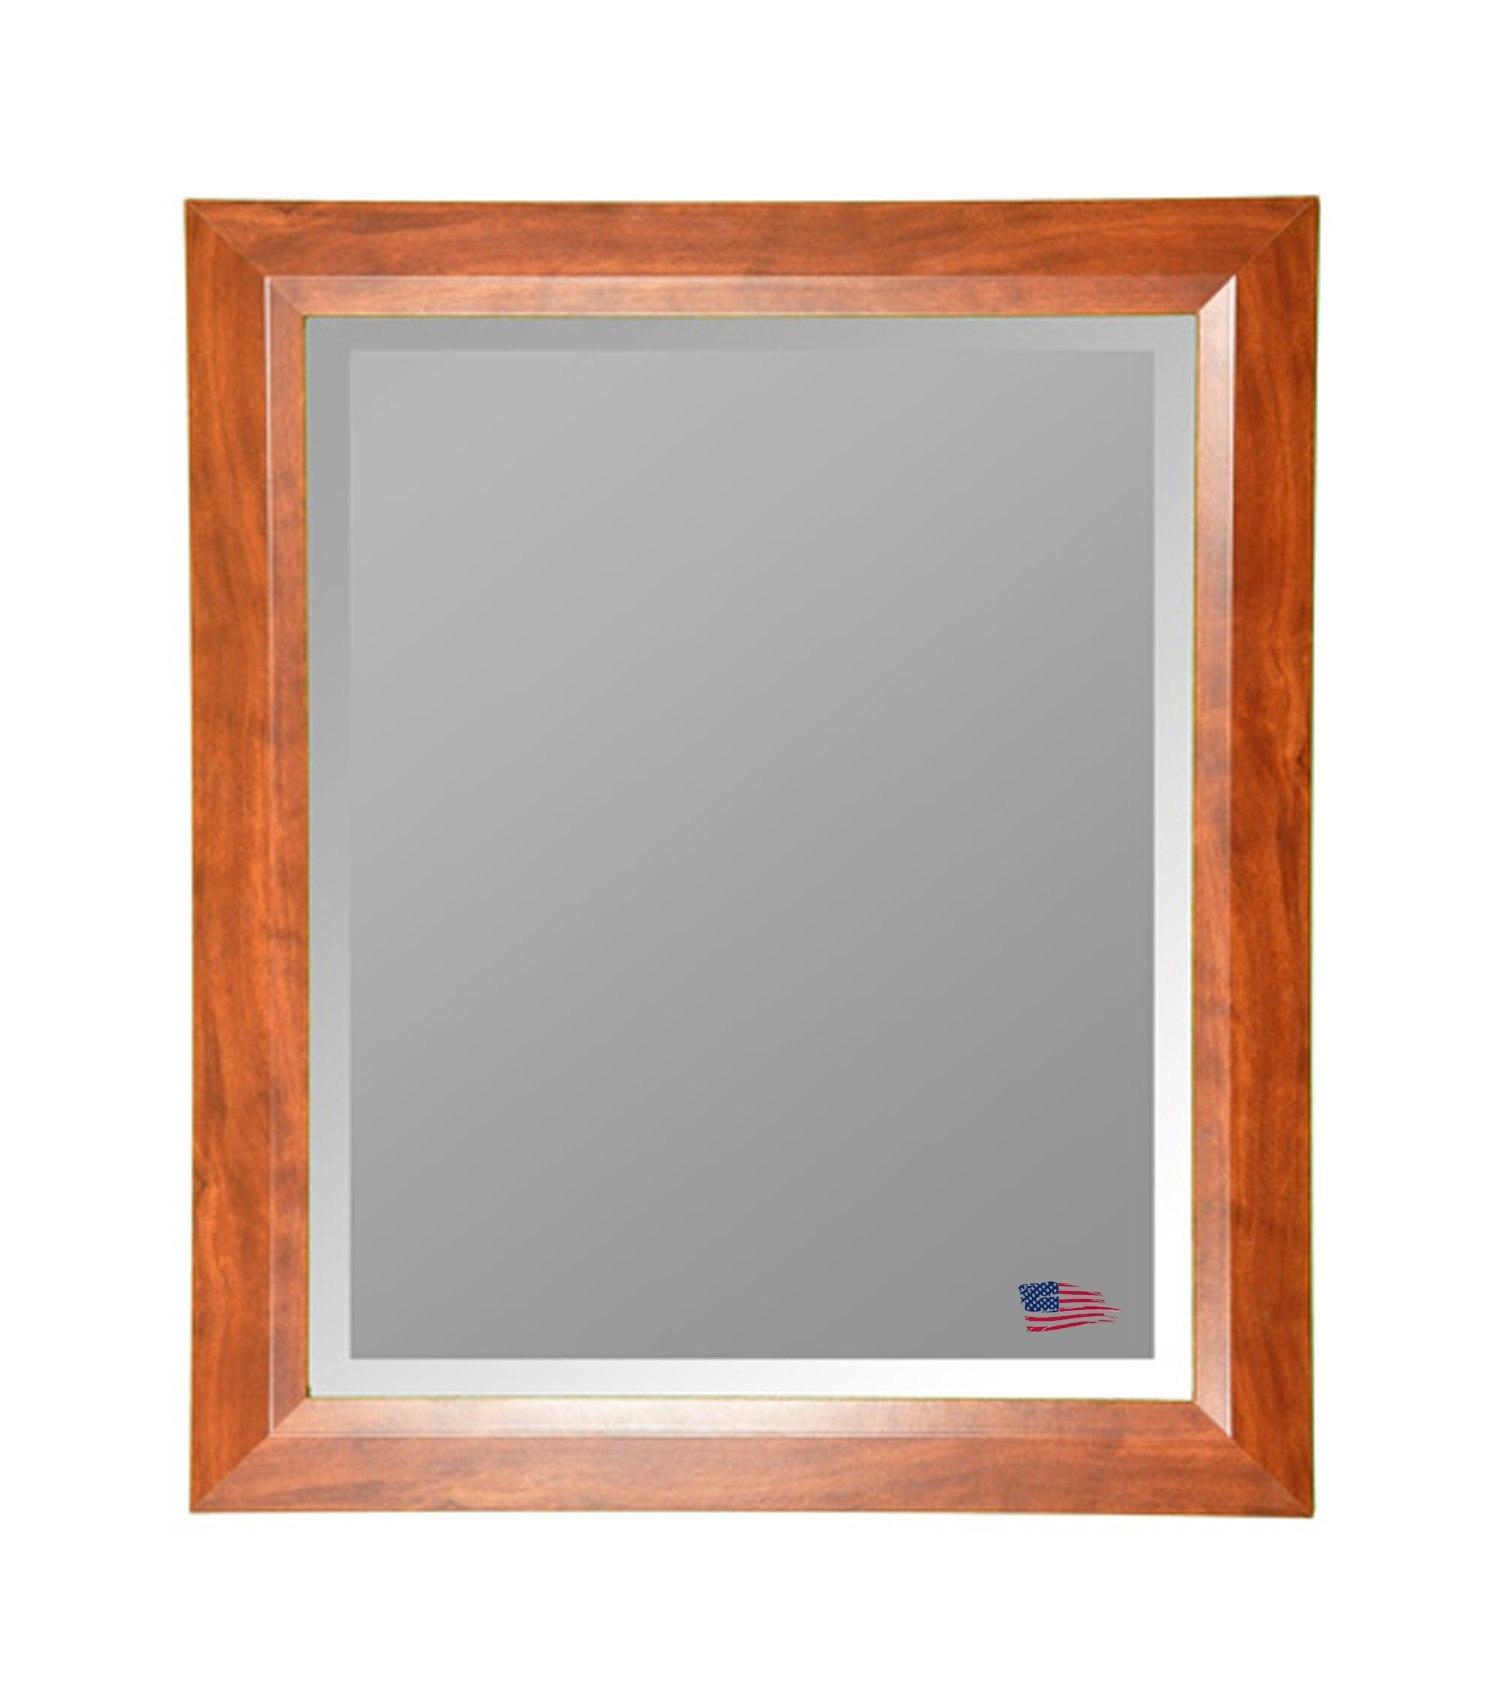 Rayne Mirrors R0016LV 41.75 x 35.75 Inch Wallnut Wall Mirror